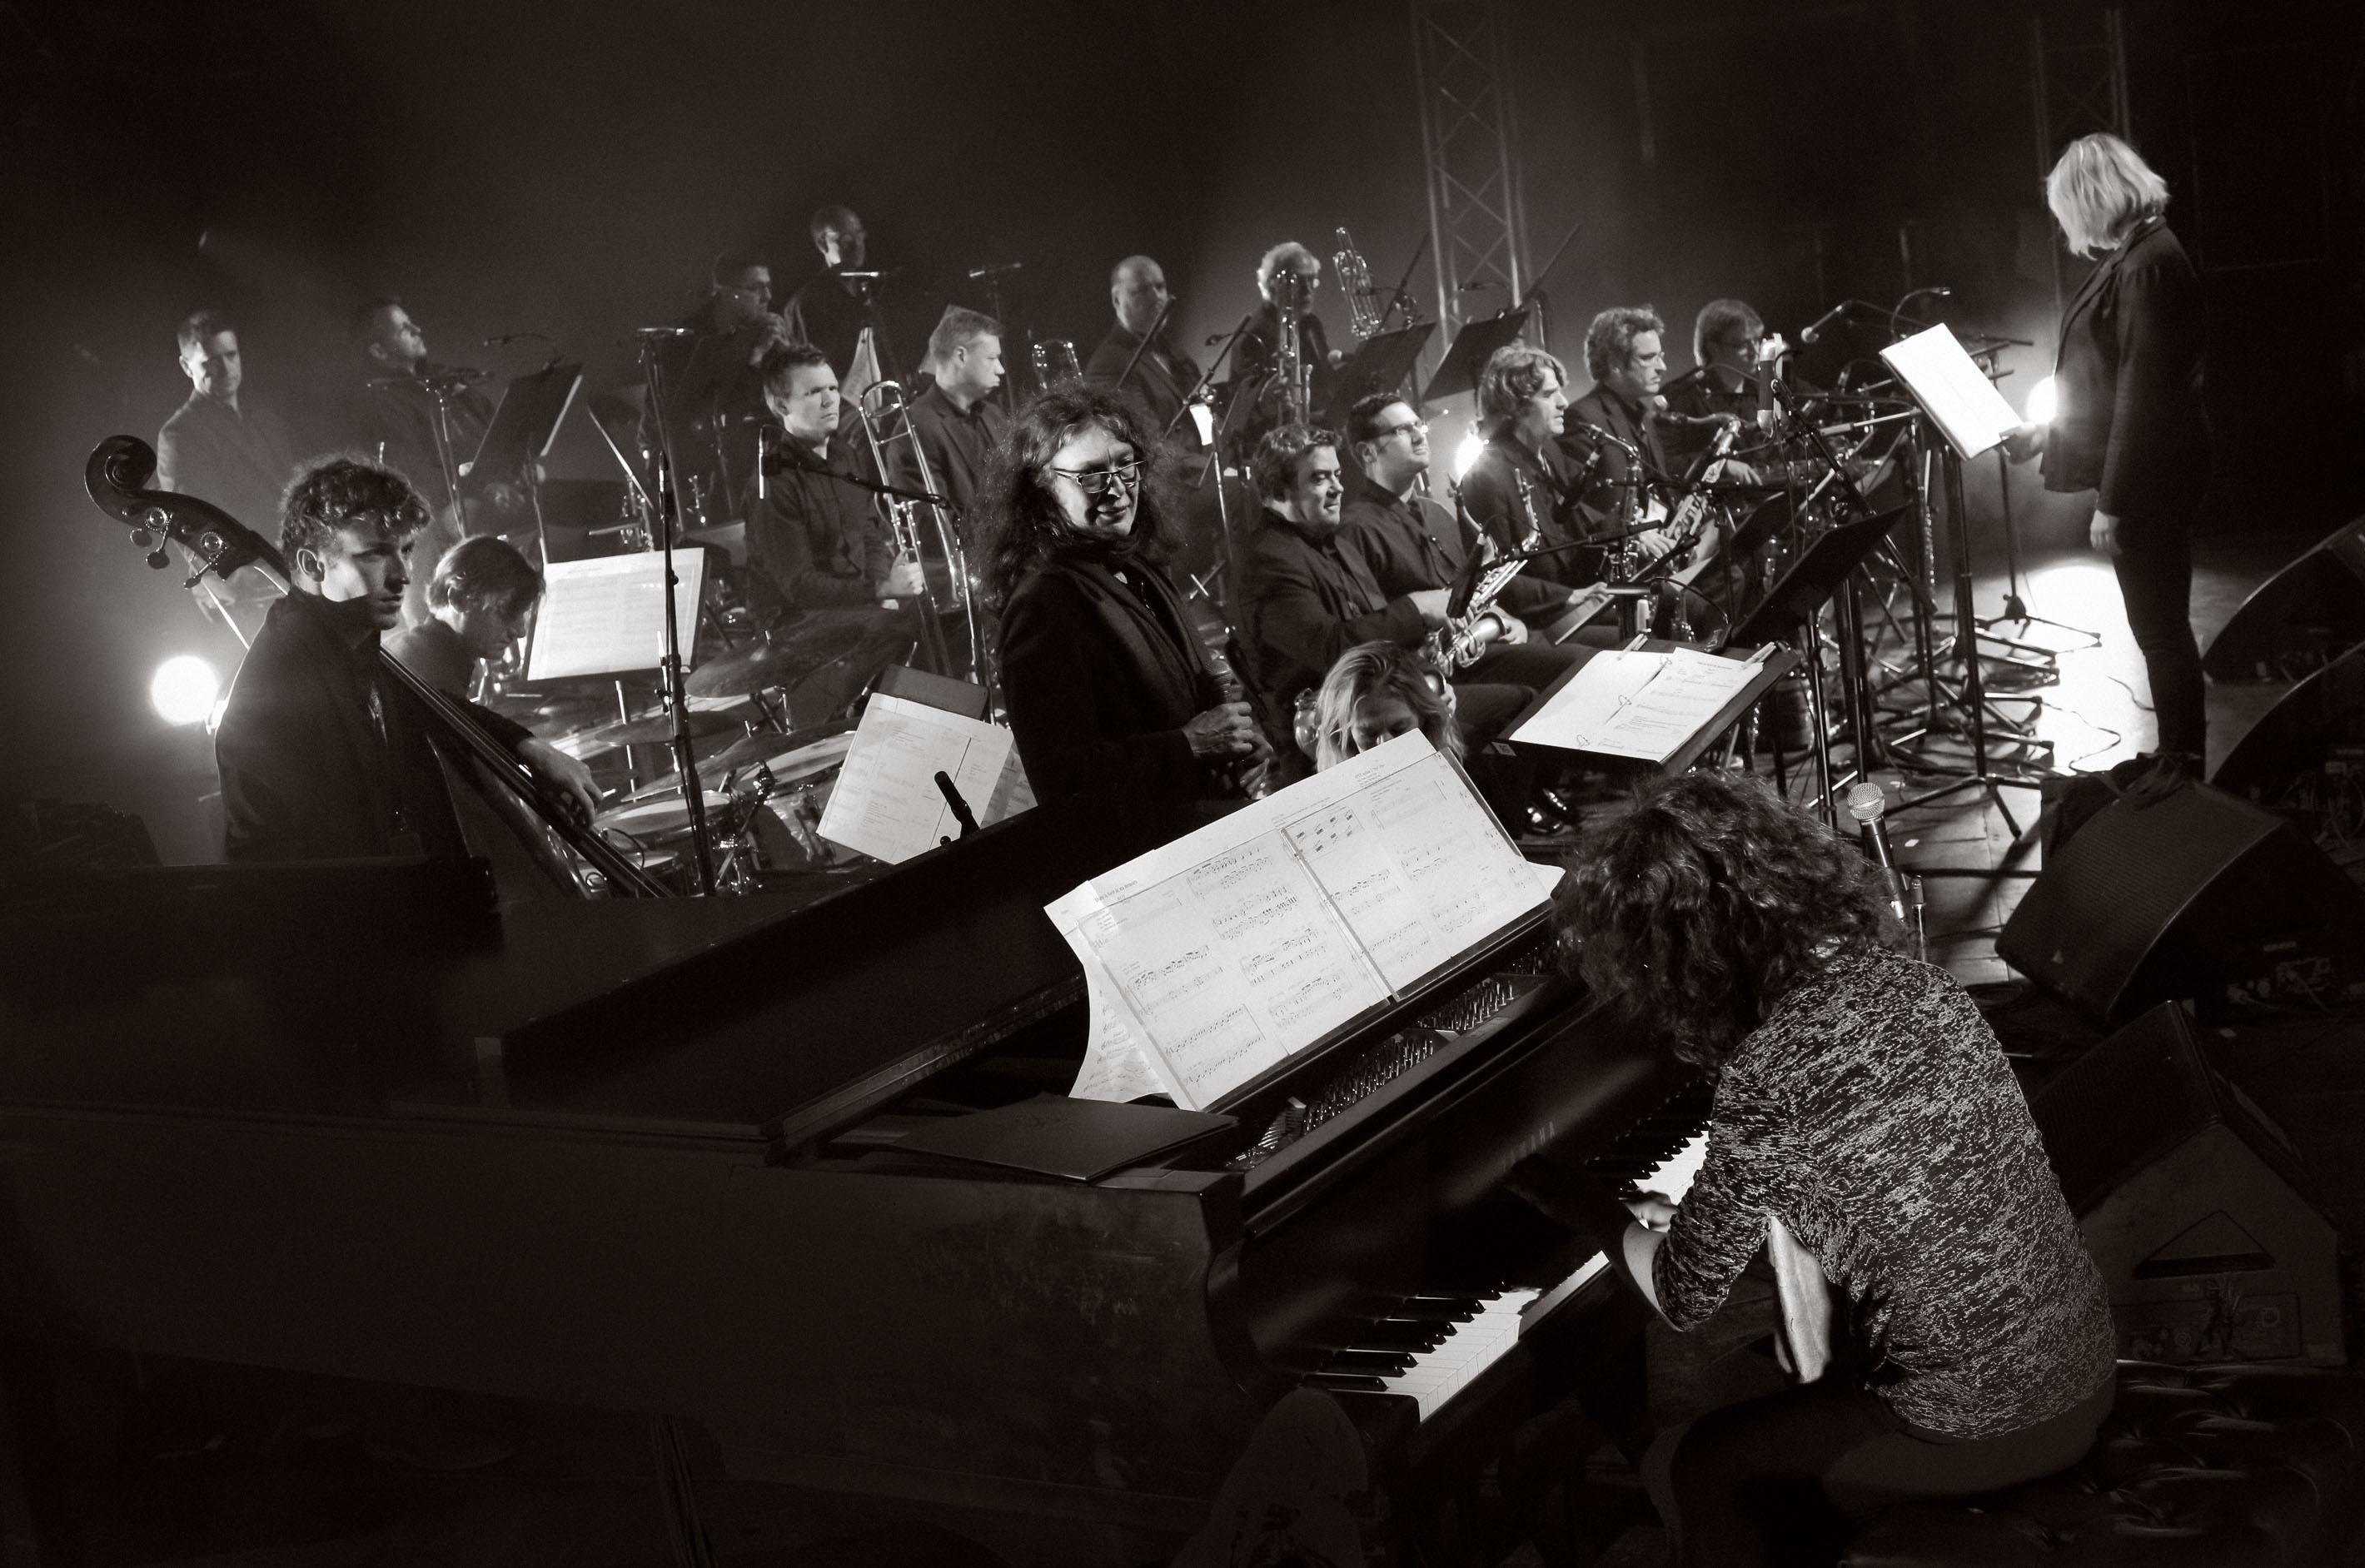 L'Orchestre national de jazz de Montréal featuring Marianne Trudel & Ingrid Jensen